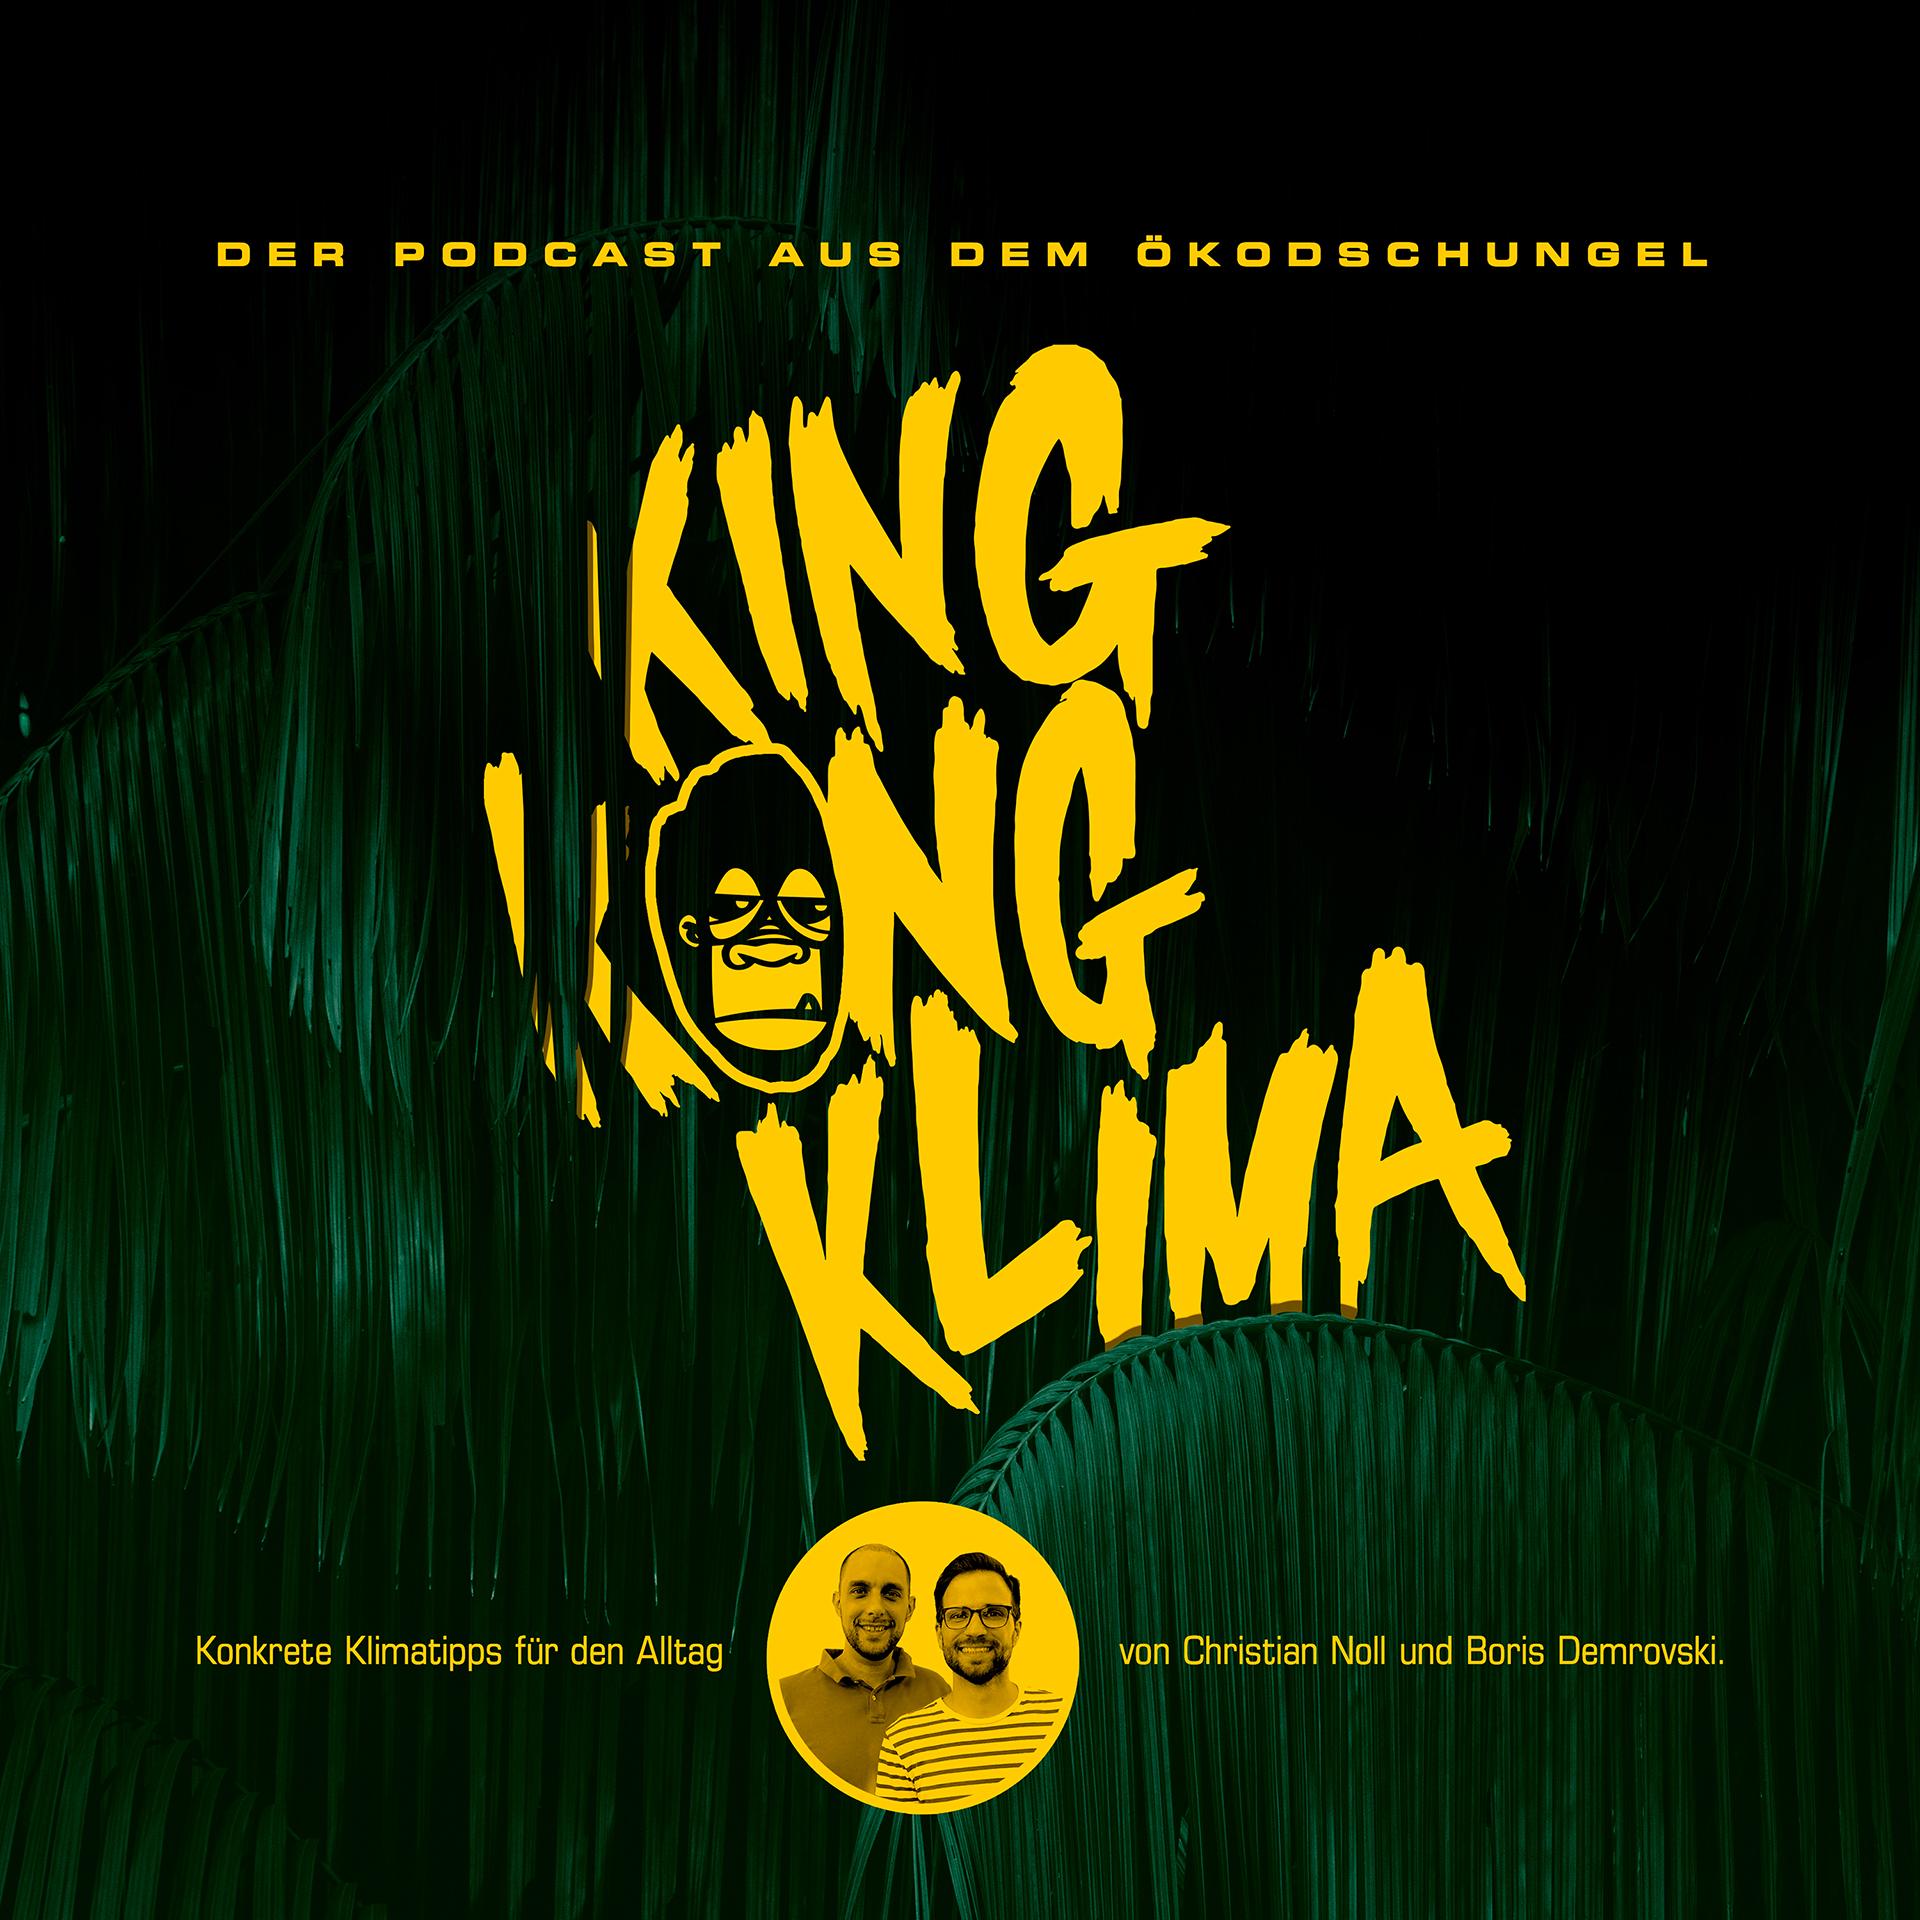 King Kong Klima - Konkrete Klimatipps für den Alltag